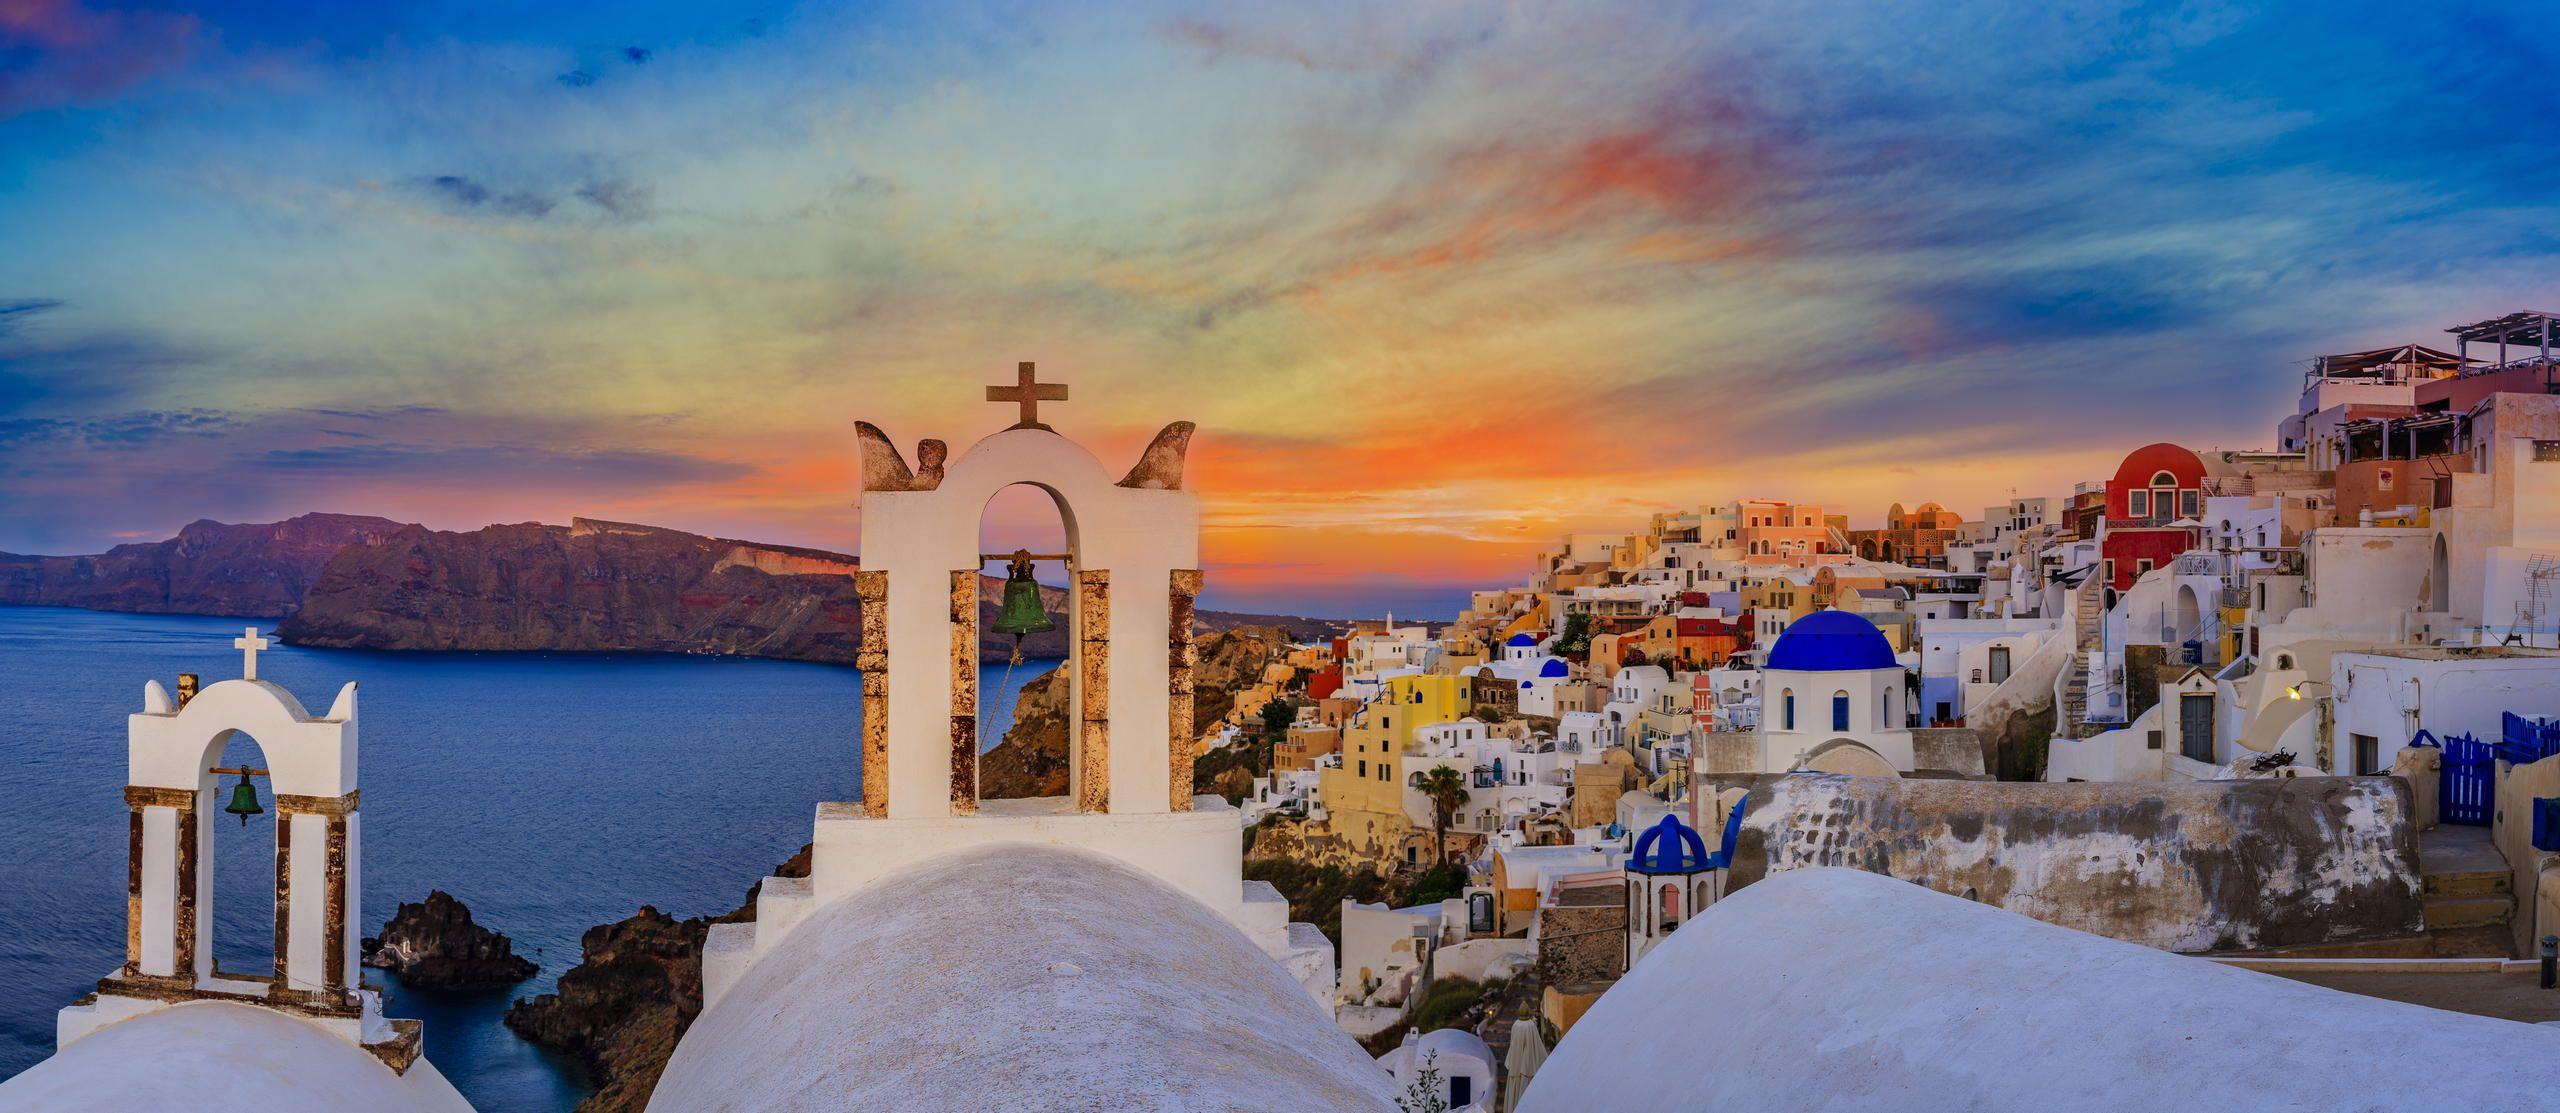 Η Σαντορίνη ή Θήρα βρίσκεται στις Κυκλάδες. Είναι ένα σύμπλεγμα νησιών που αποτελείται από τα νησιά της Θήρας, της Θηρασιάς ή Θηρασίας, του Ασπρονησίου, της Παλαιάς και Νέας Καμένης. Στη μέση του Αιγαίου, τις Κυκλάδες, ένα από τα διασημότερα ηλιοβασιλέματα του πλανήτη σας περιμένει να το απολαύσετε!